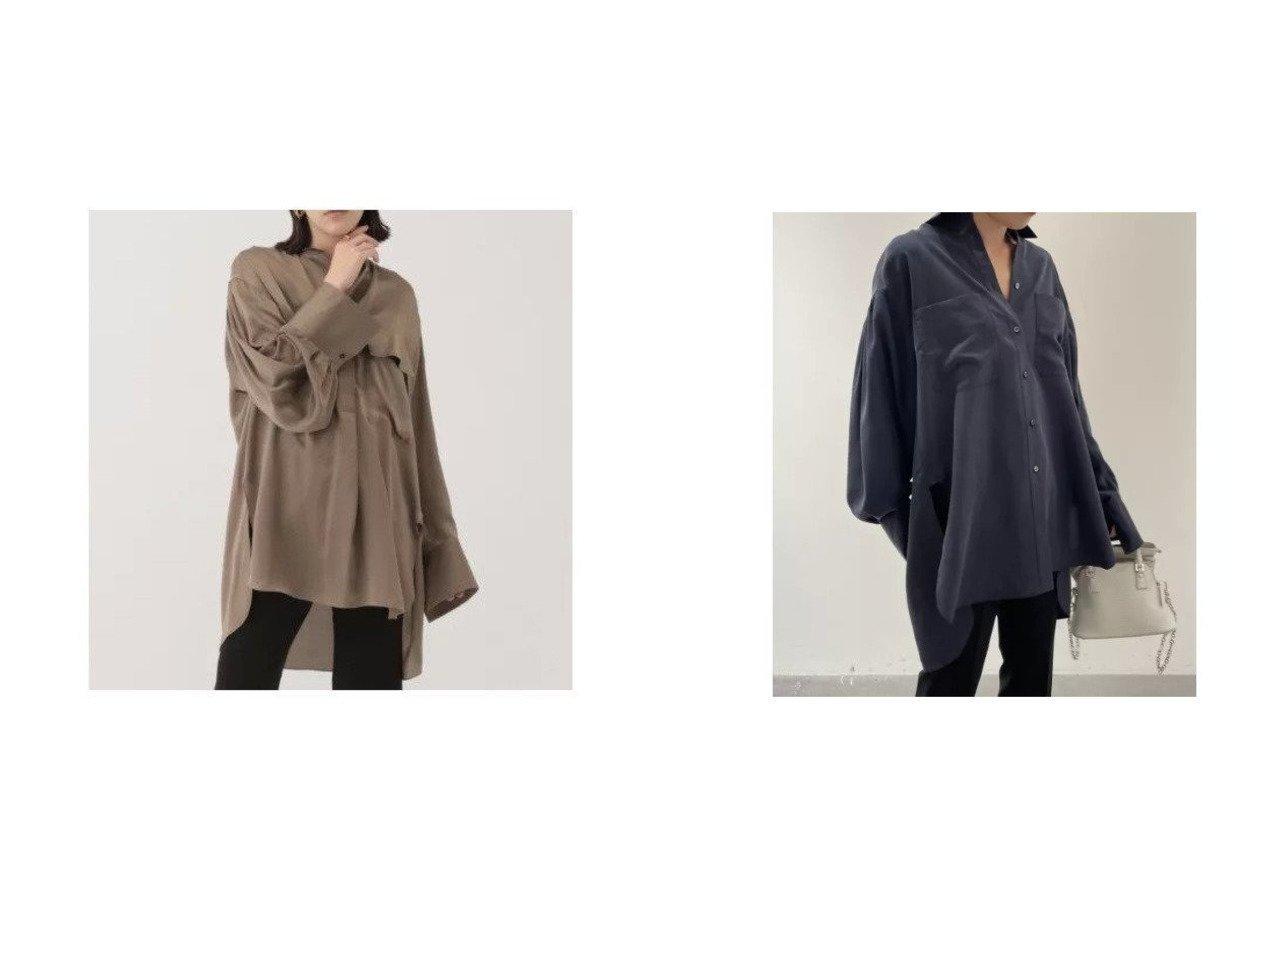 【Chaos/カオス】のCSシルクサンドシャツ&サンディングシルクブラウス カオスのおすすめ!人気、トレンド・レディースファッションの通販 おすすめで人気の流行・トレンド、ファッションの通販商品 メンズファッション・キッズファッション・インテリア・家具・レディースファッション・服の通販 founy(ファニー) https://founy.com/ ファッション Fashion レディースファッション WOMEN トップス カットソー Tops Tshirt シャツ/ブラウス Shirts Blouses カフス シルク トレンド リュクス ルーズ 長袖 |ID:crp329100000020651